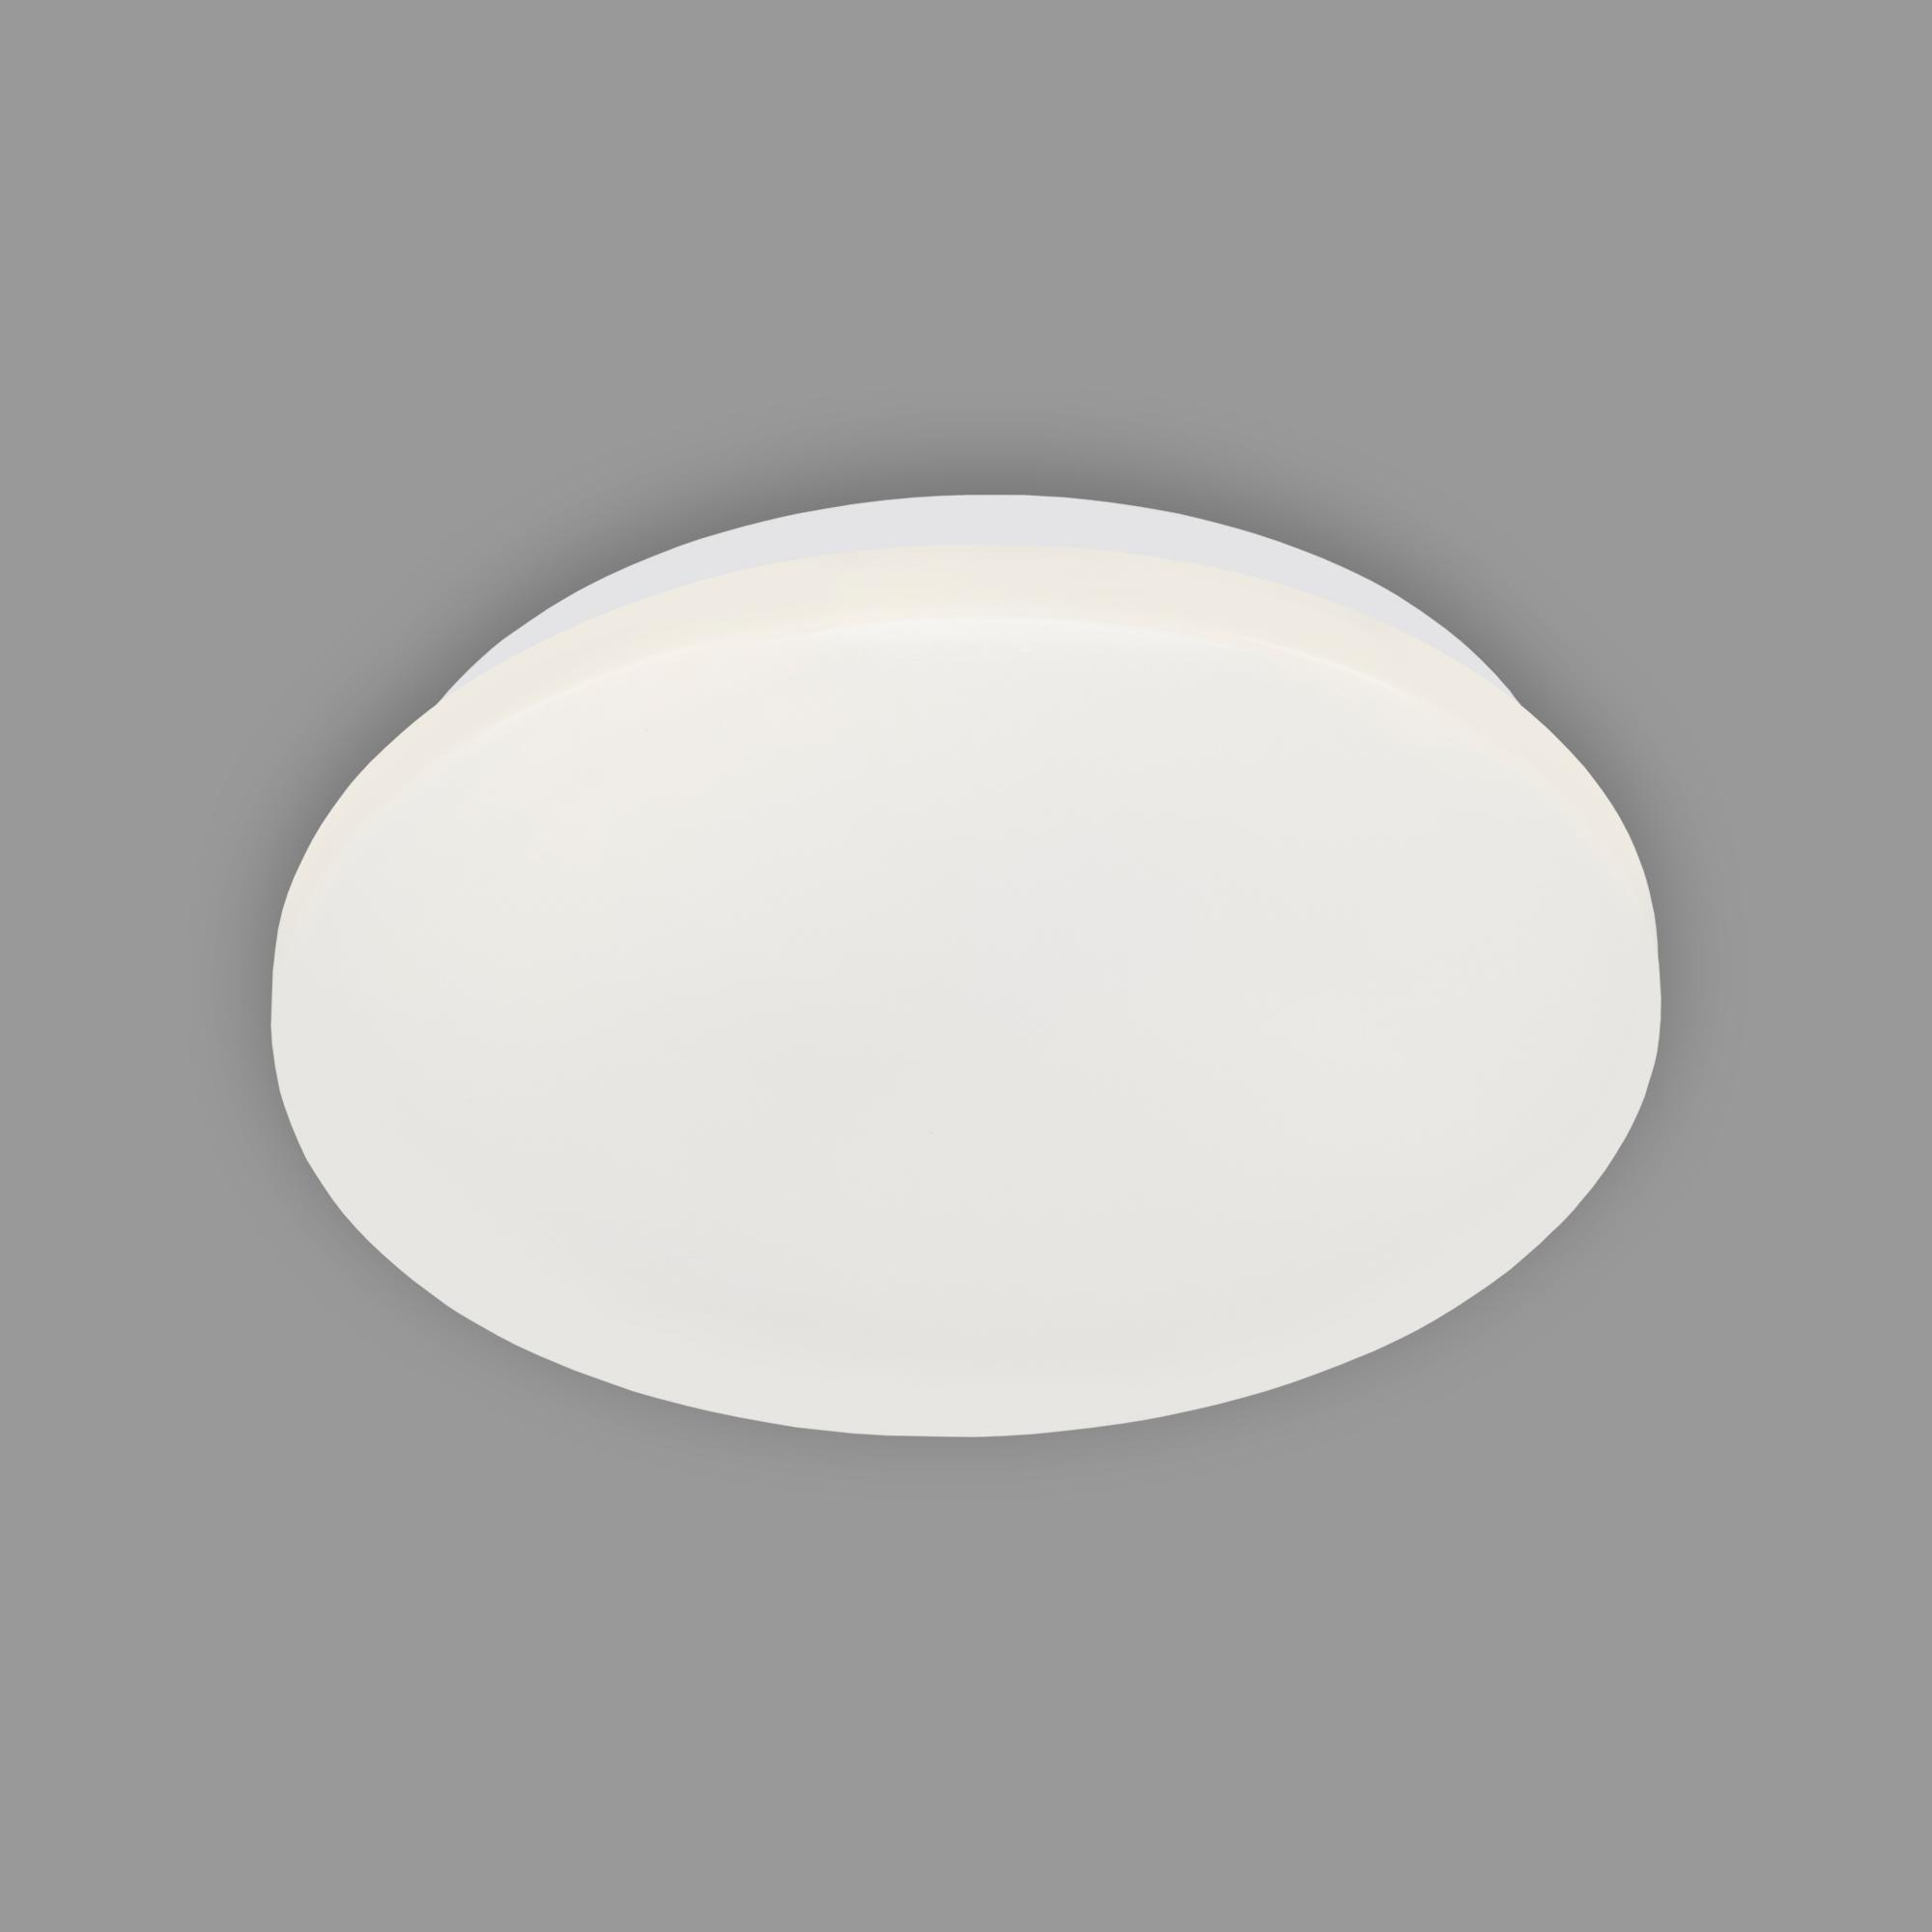 LED Deckenleuchte, Ø 22 cm, 10 W, Weiß